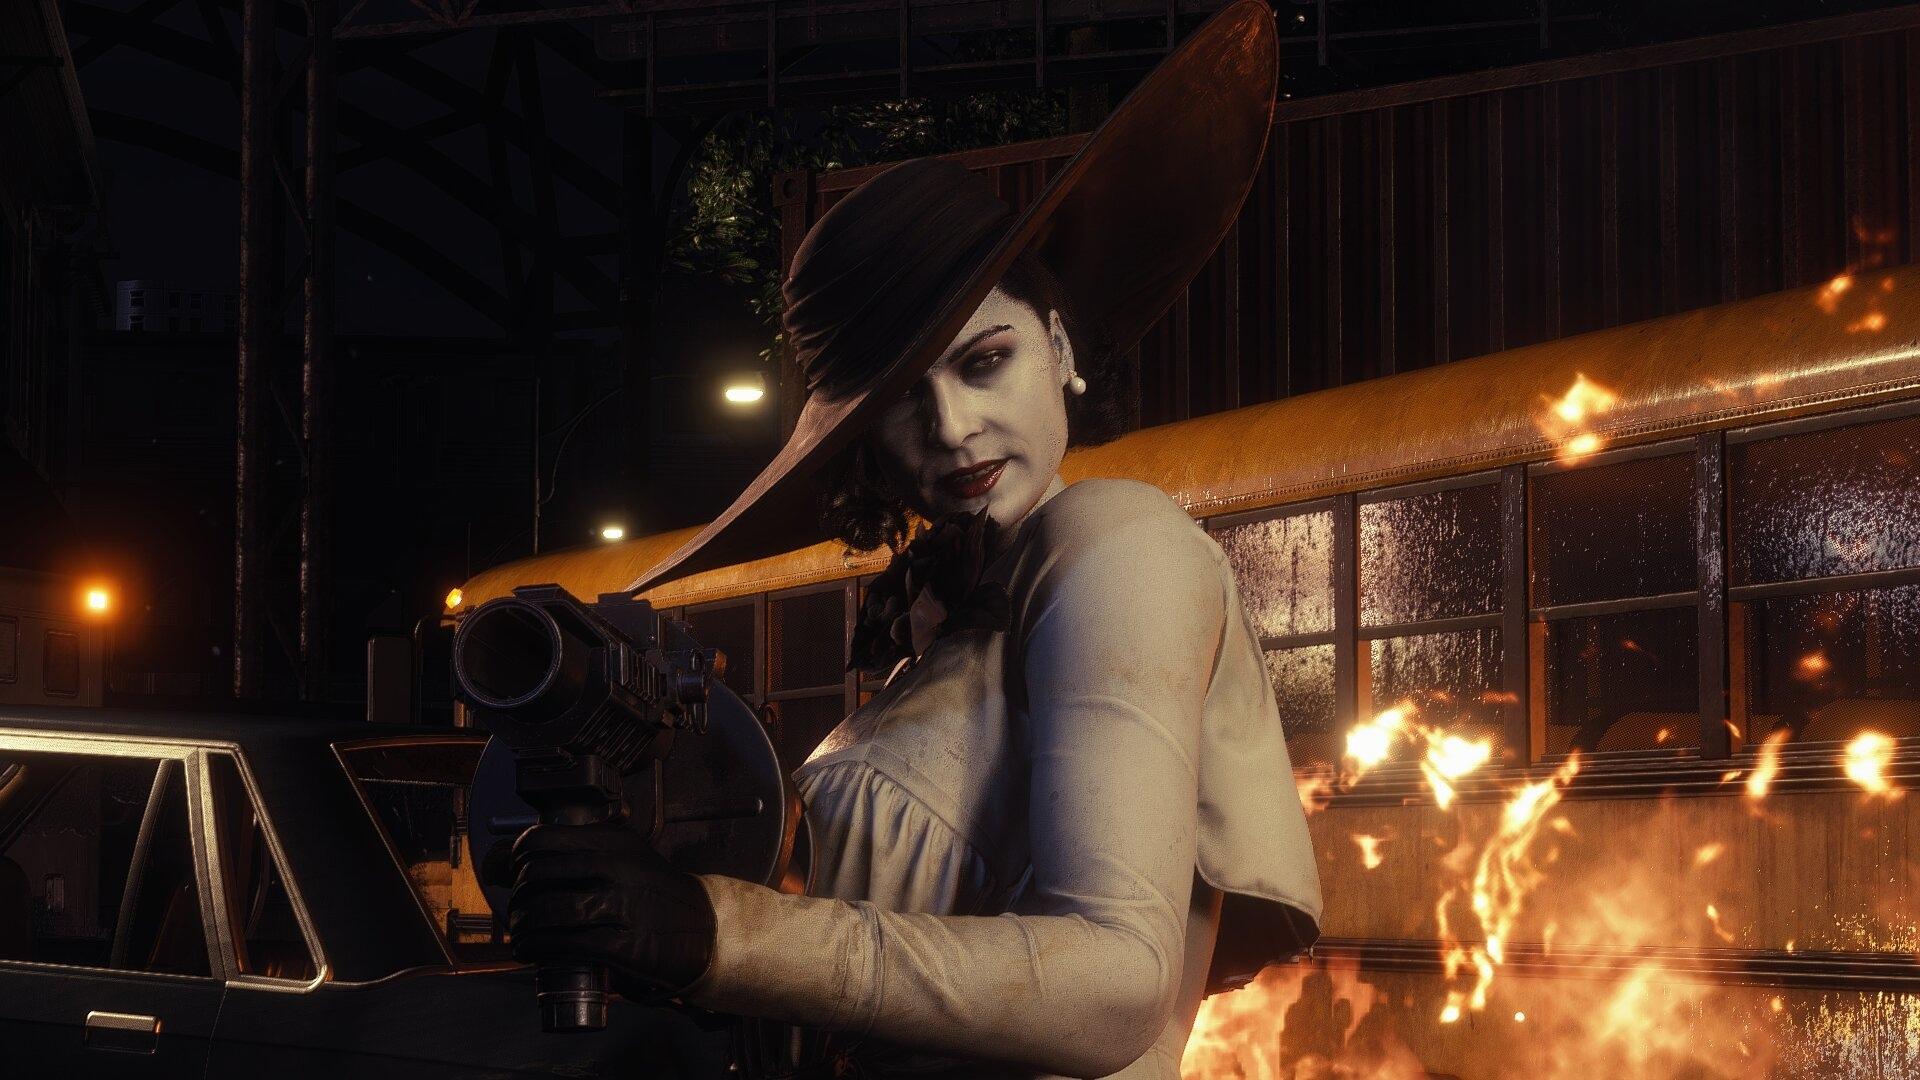 Capcom сообщила, что отгрузки Resident Evil Village достигли 3 миллионов копий